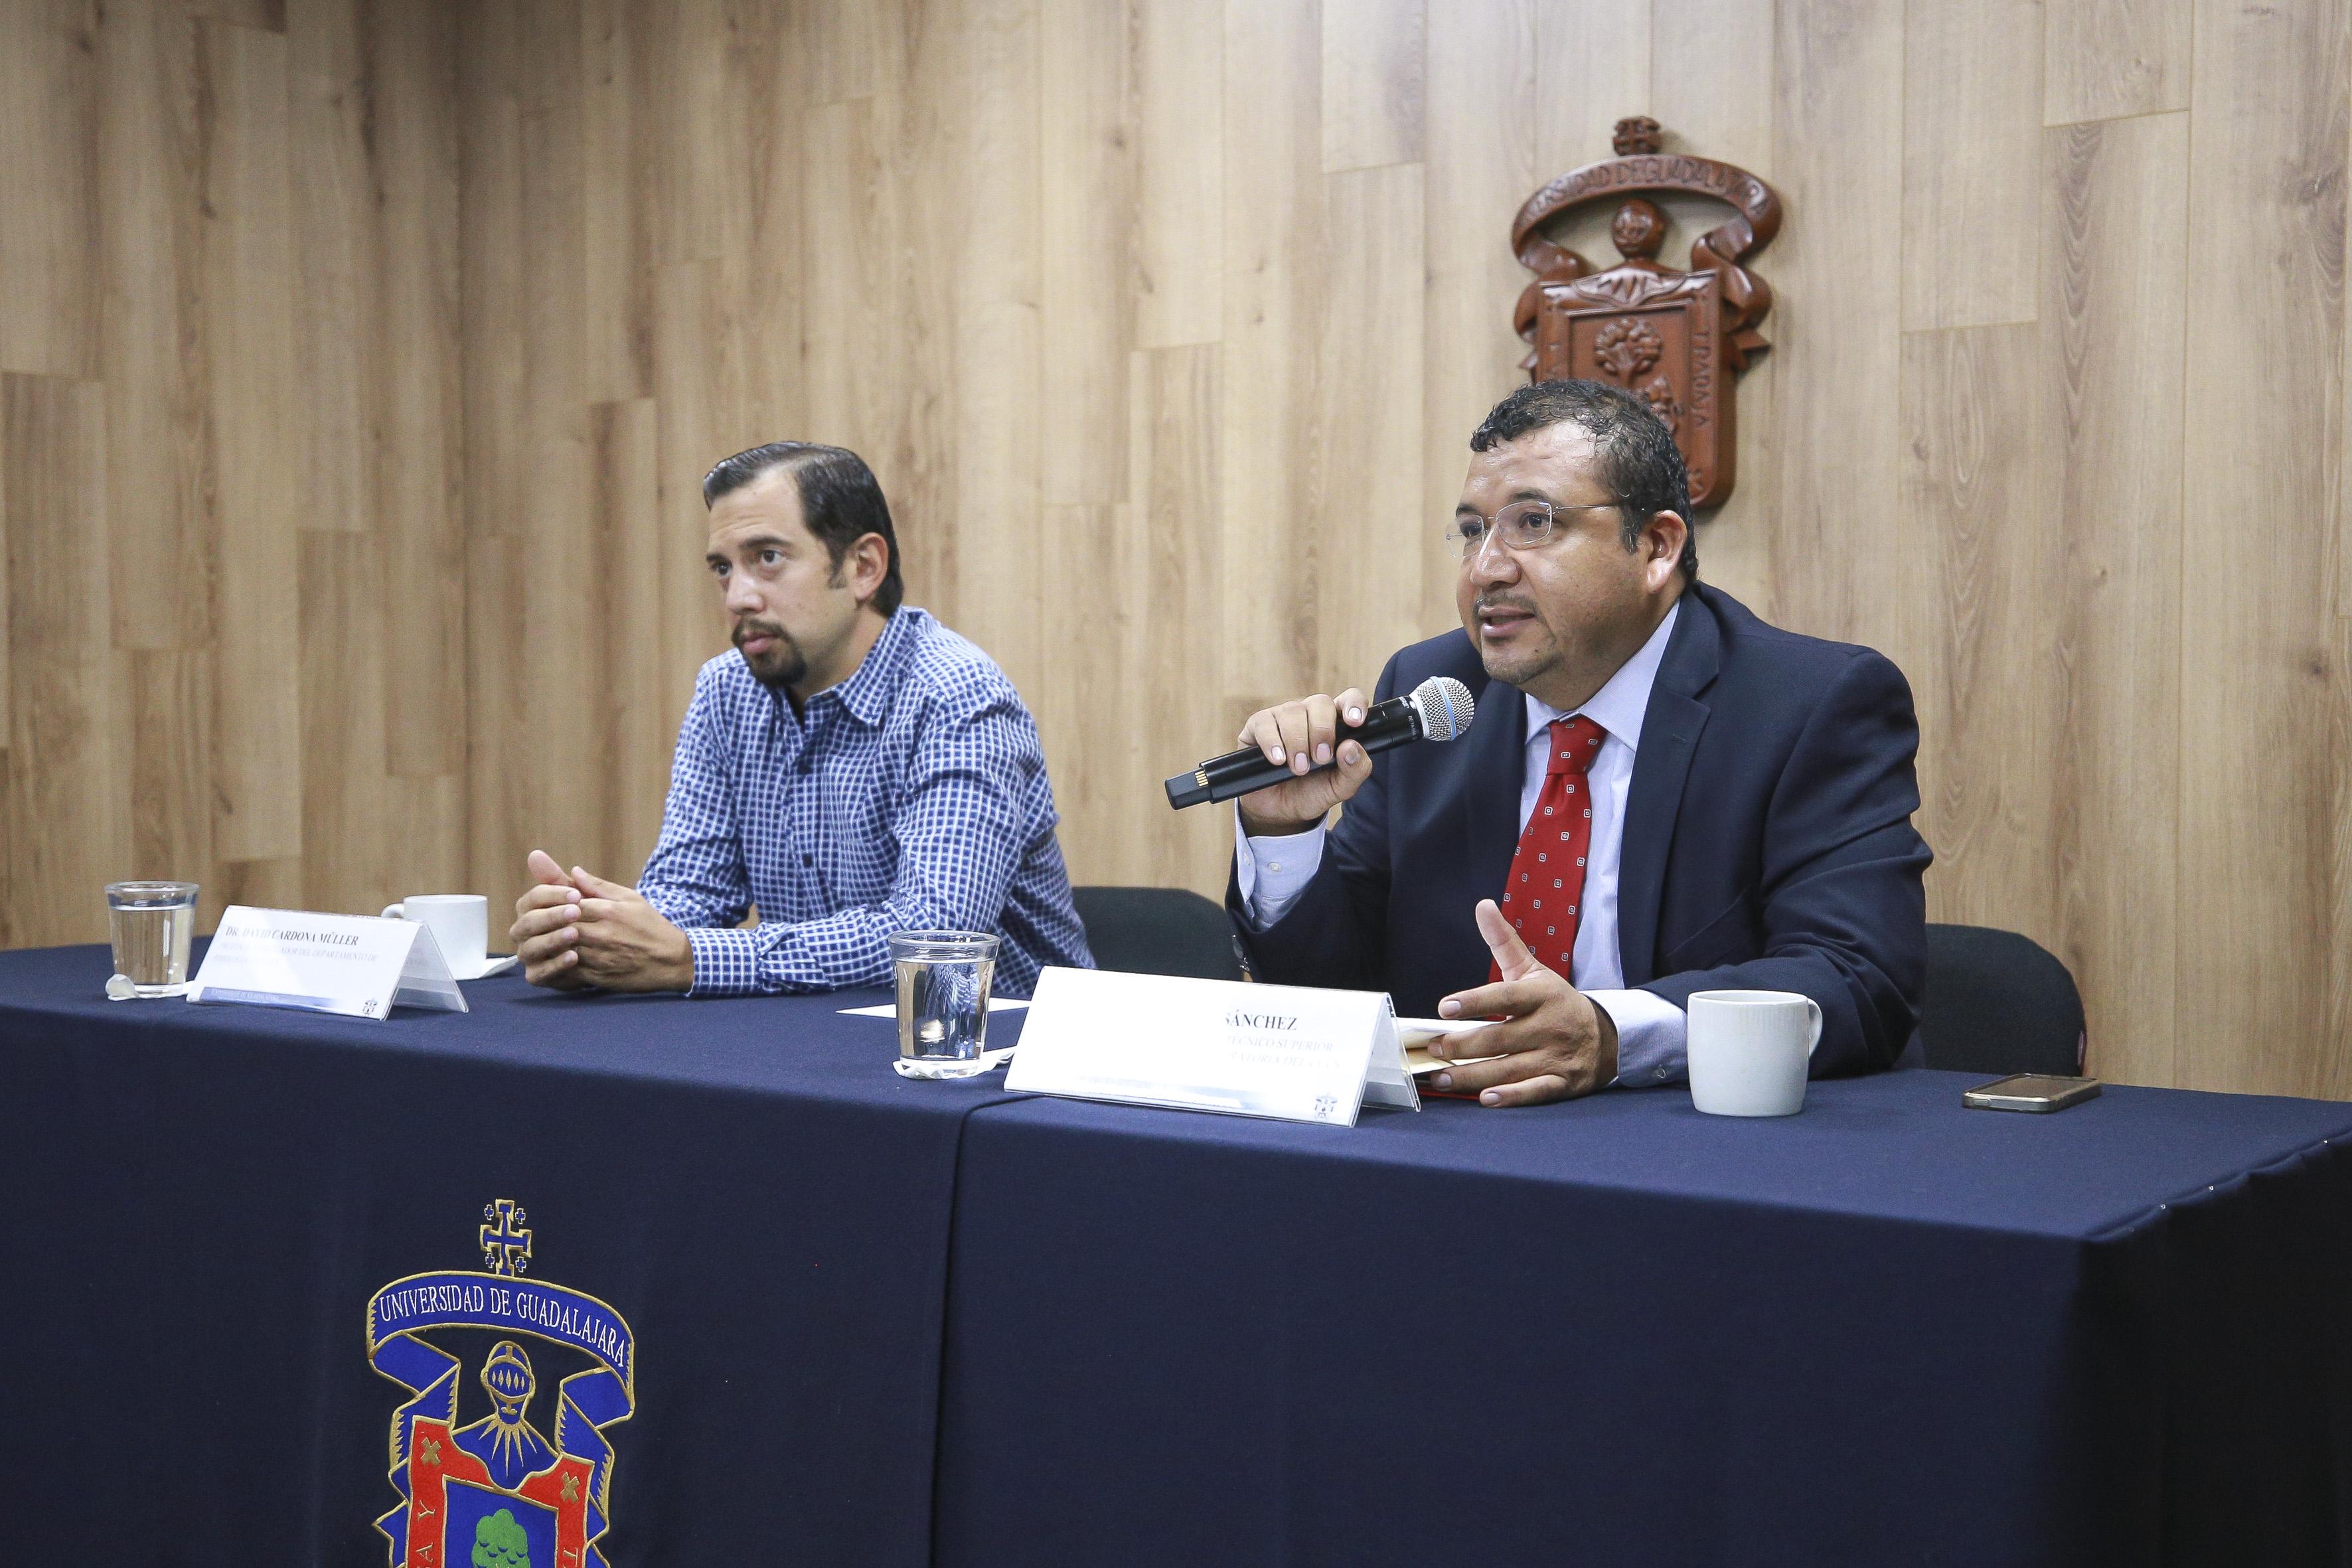 Ponentes de la rueda de prensa, al micrófono el Dr. Gerardo Rojas